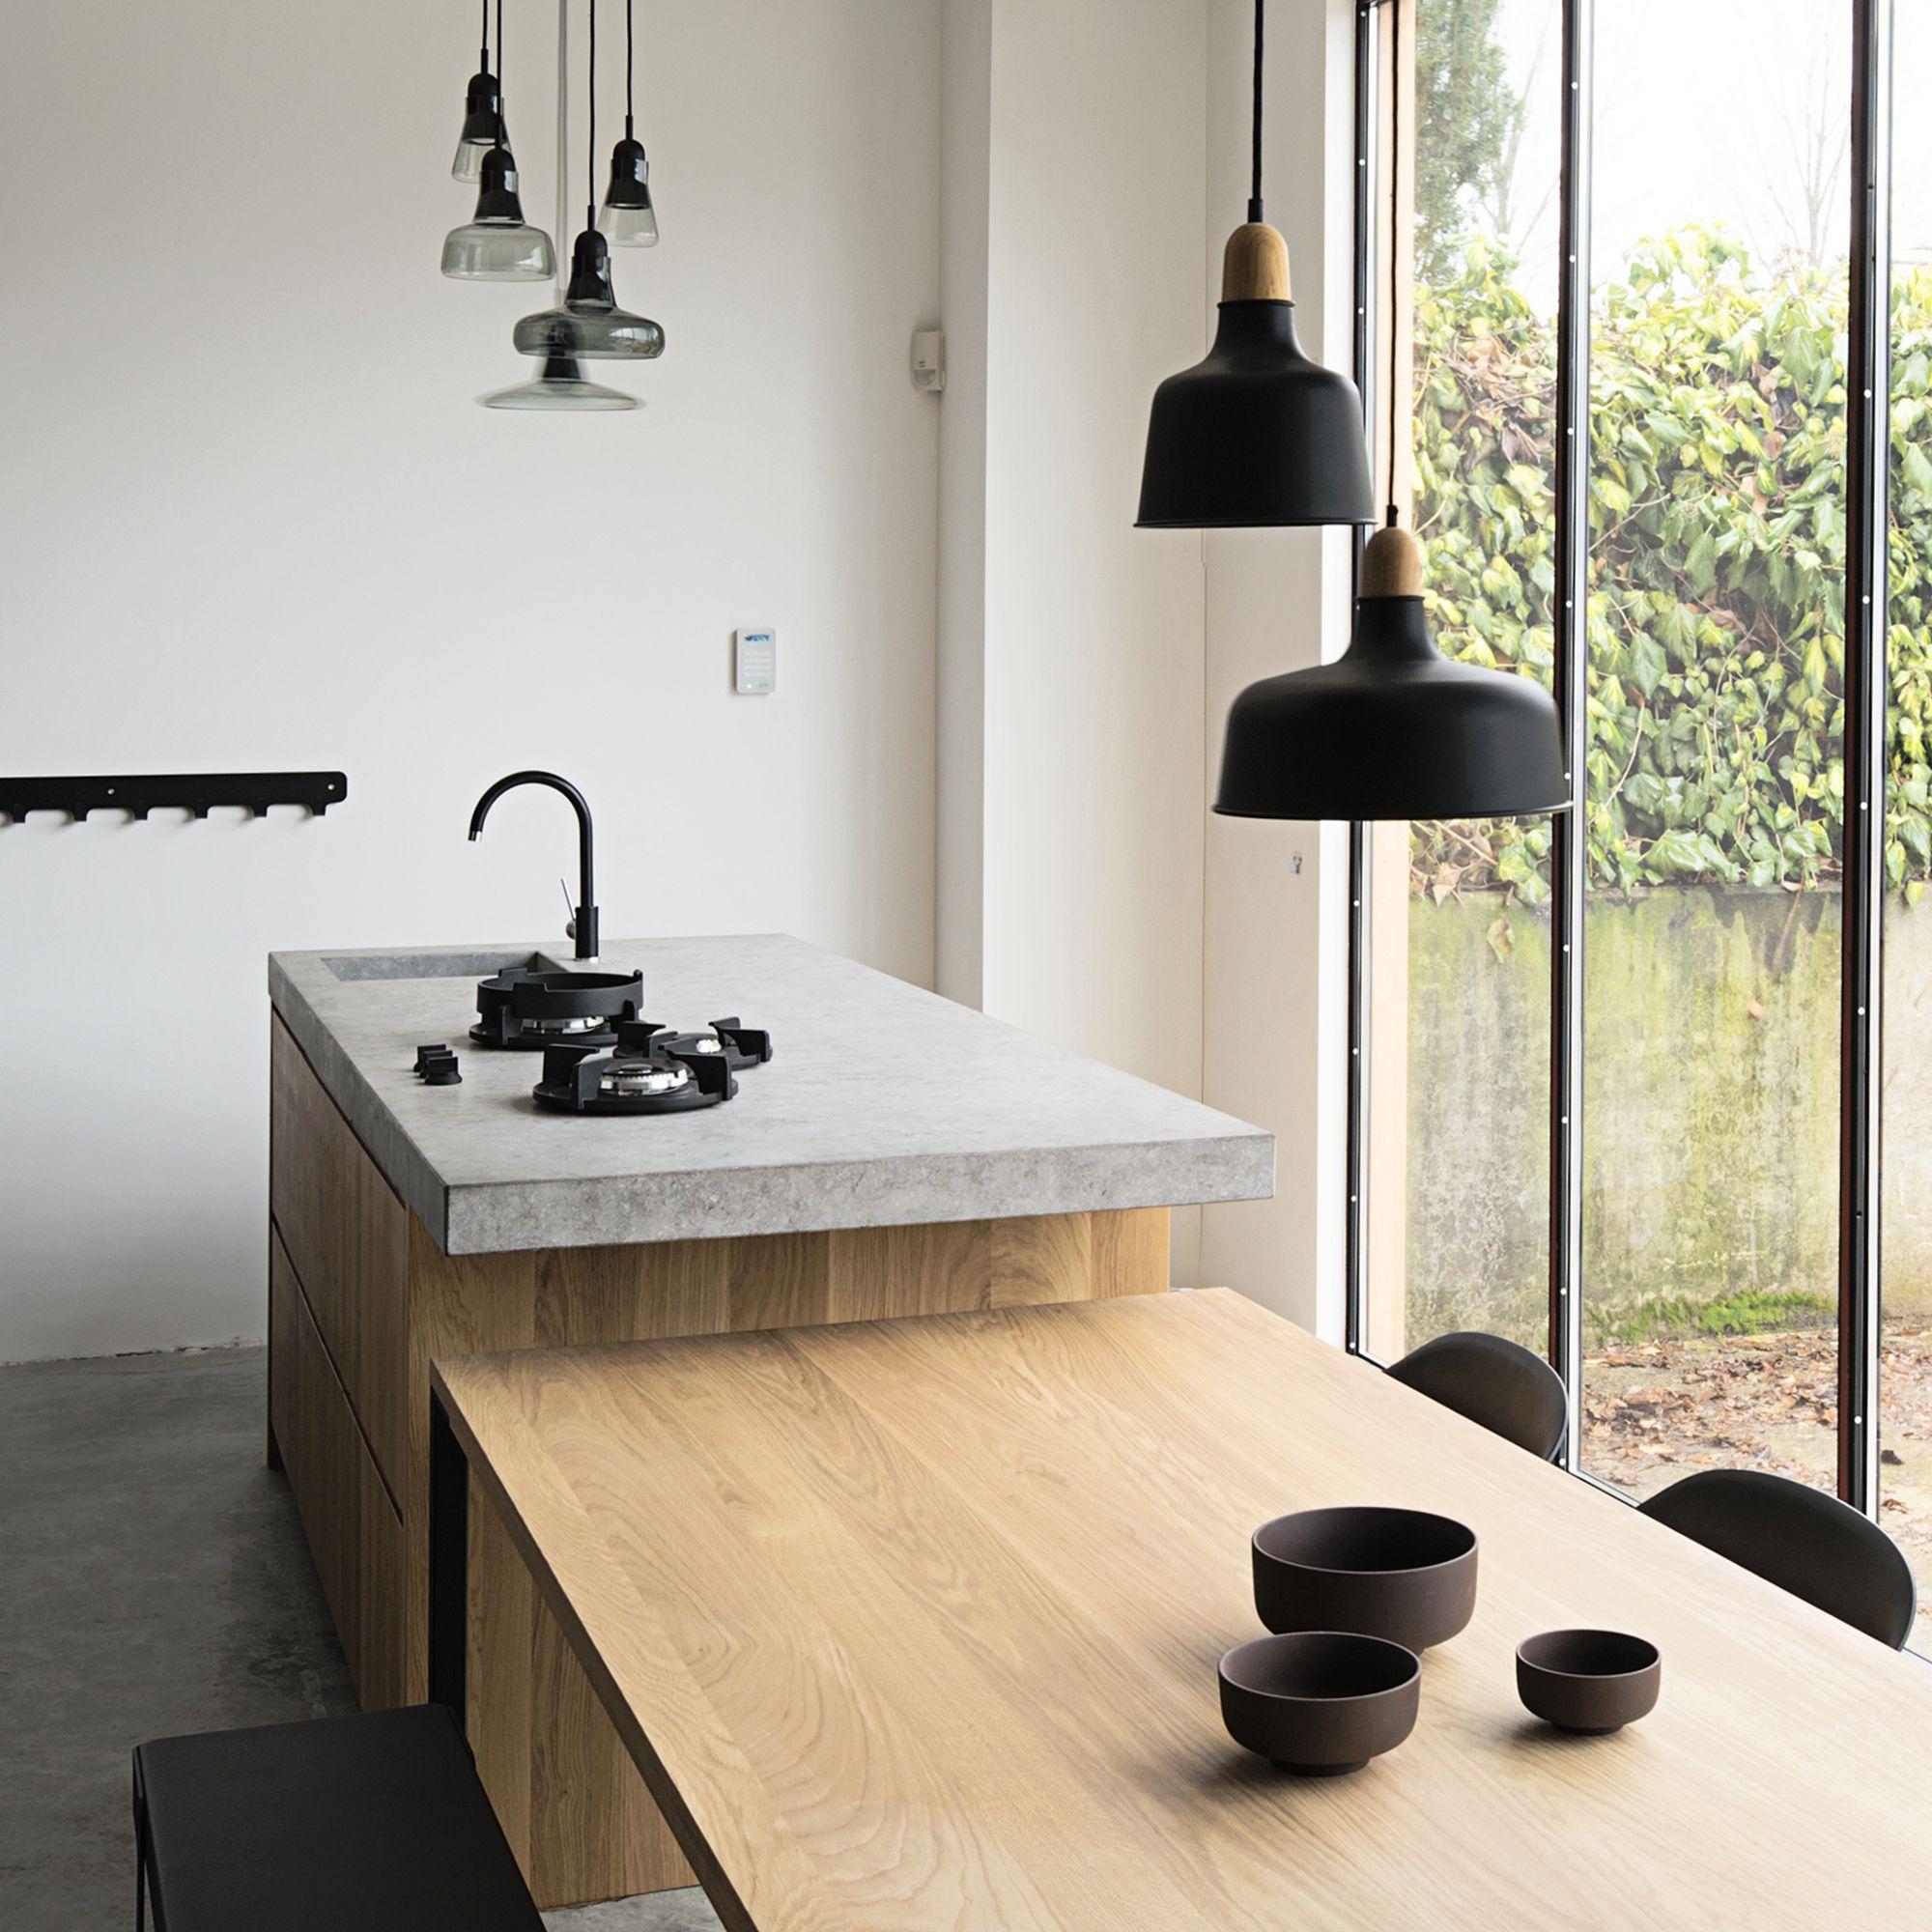 Ikea frontjes keuken ikea keuken frontjes vervangen in awesome